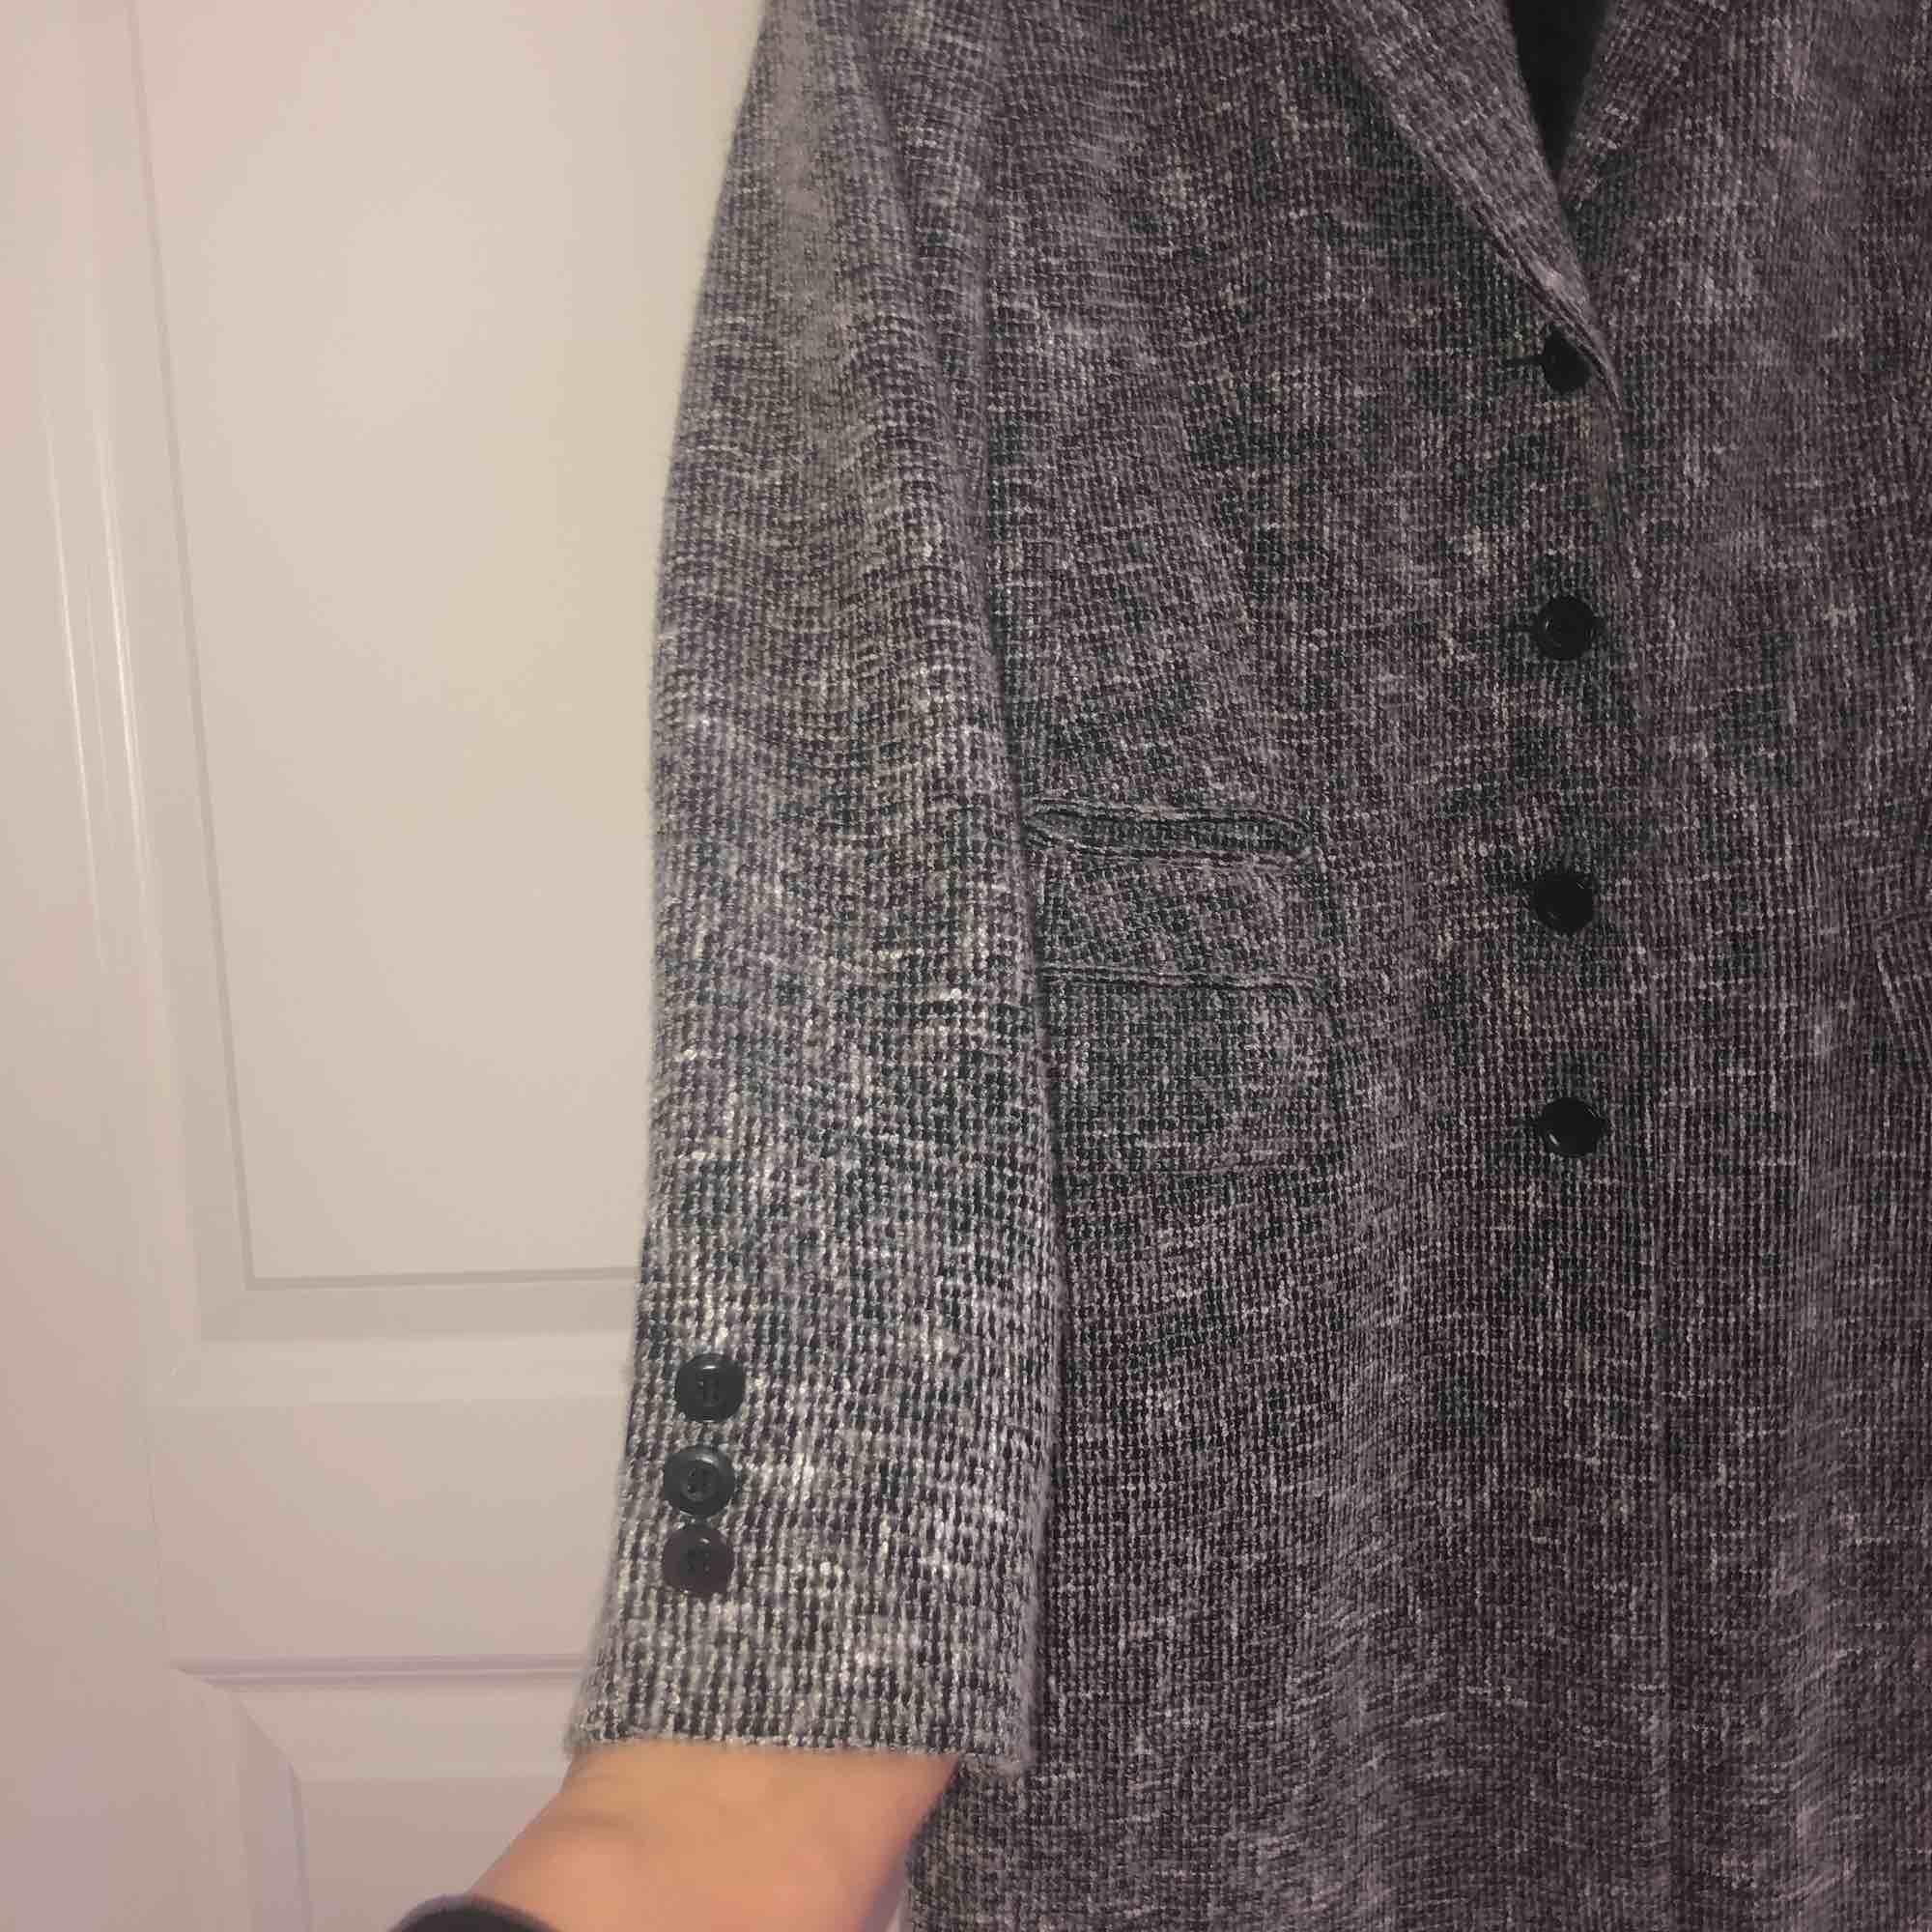 En grå jättefin kappa! Ingen aning vart den är ifrån men den är hel, fin och ren! Inget trasigt🌟🌷. Jackor.